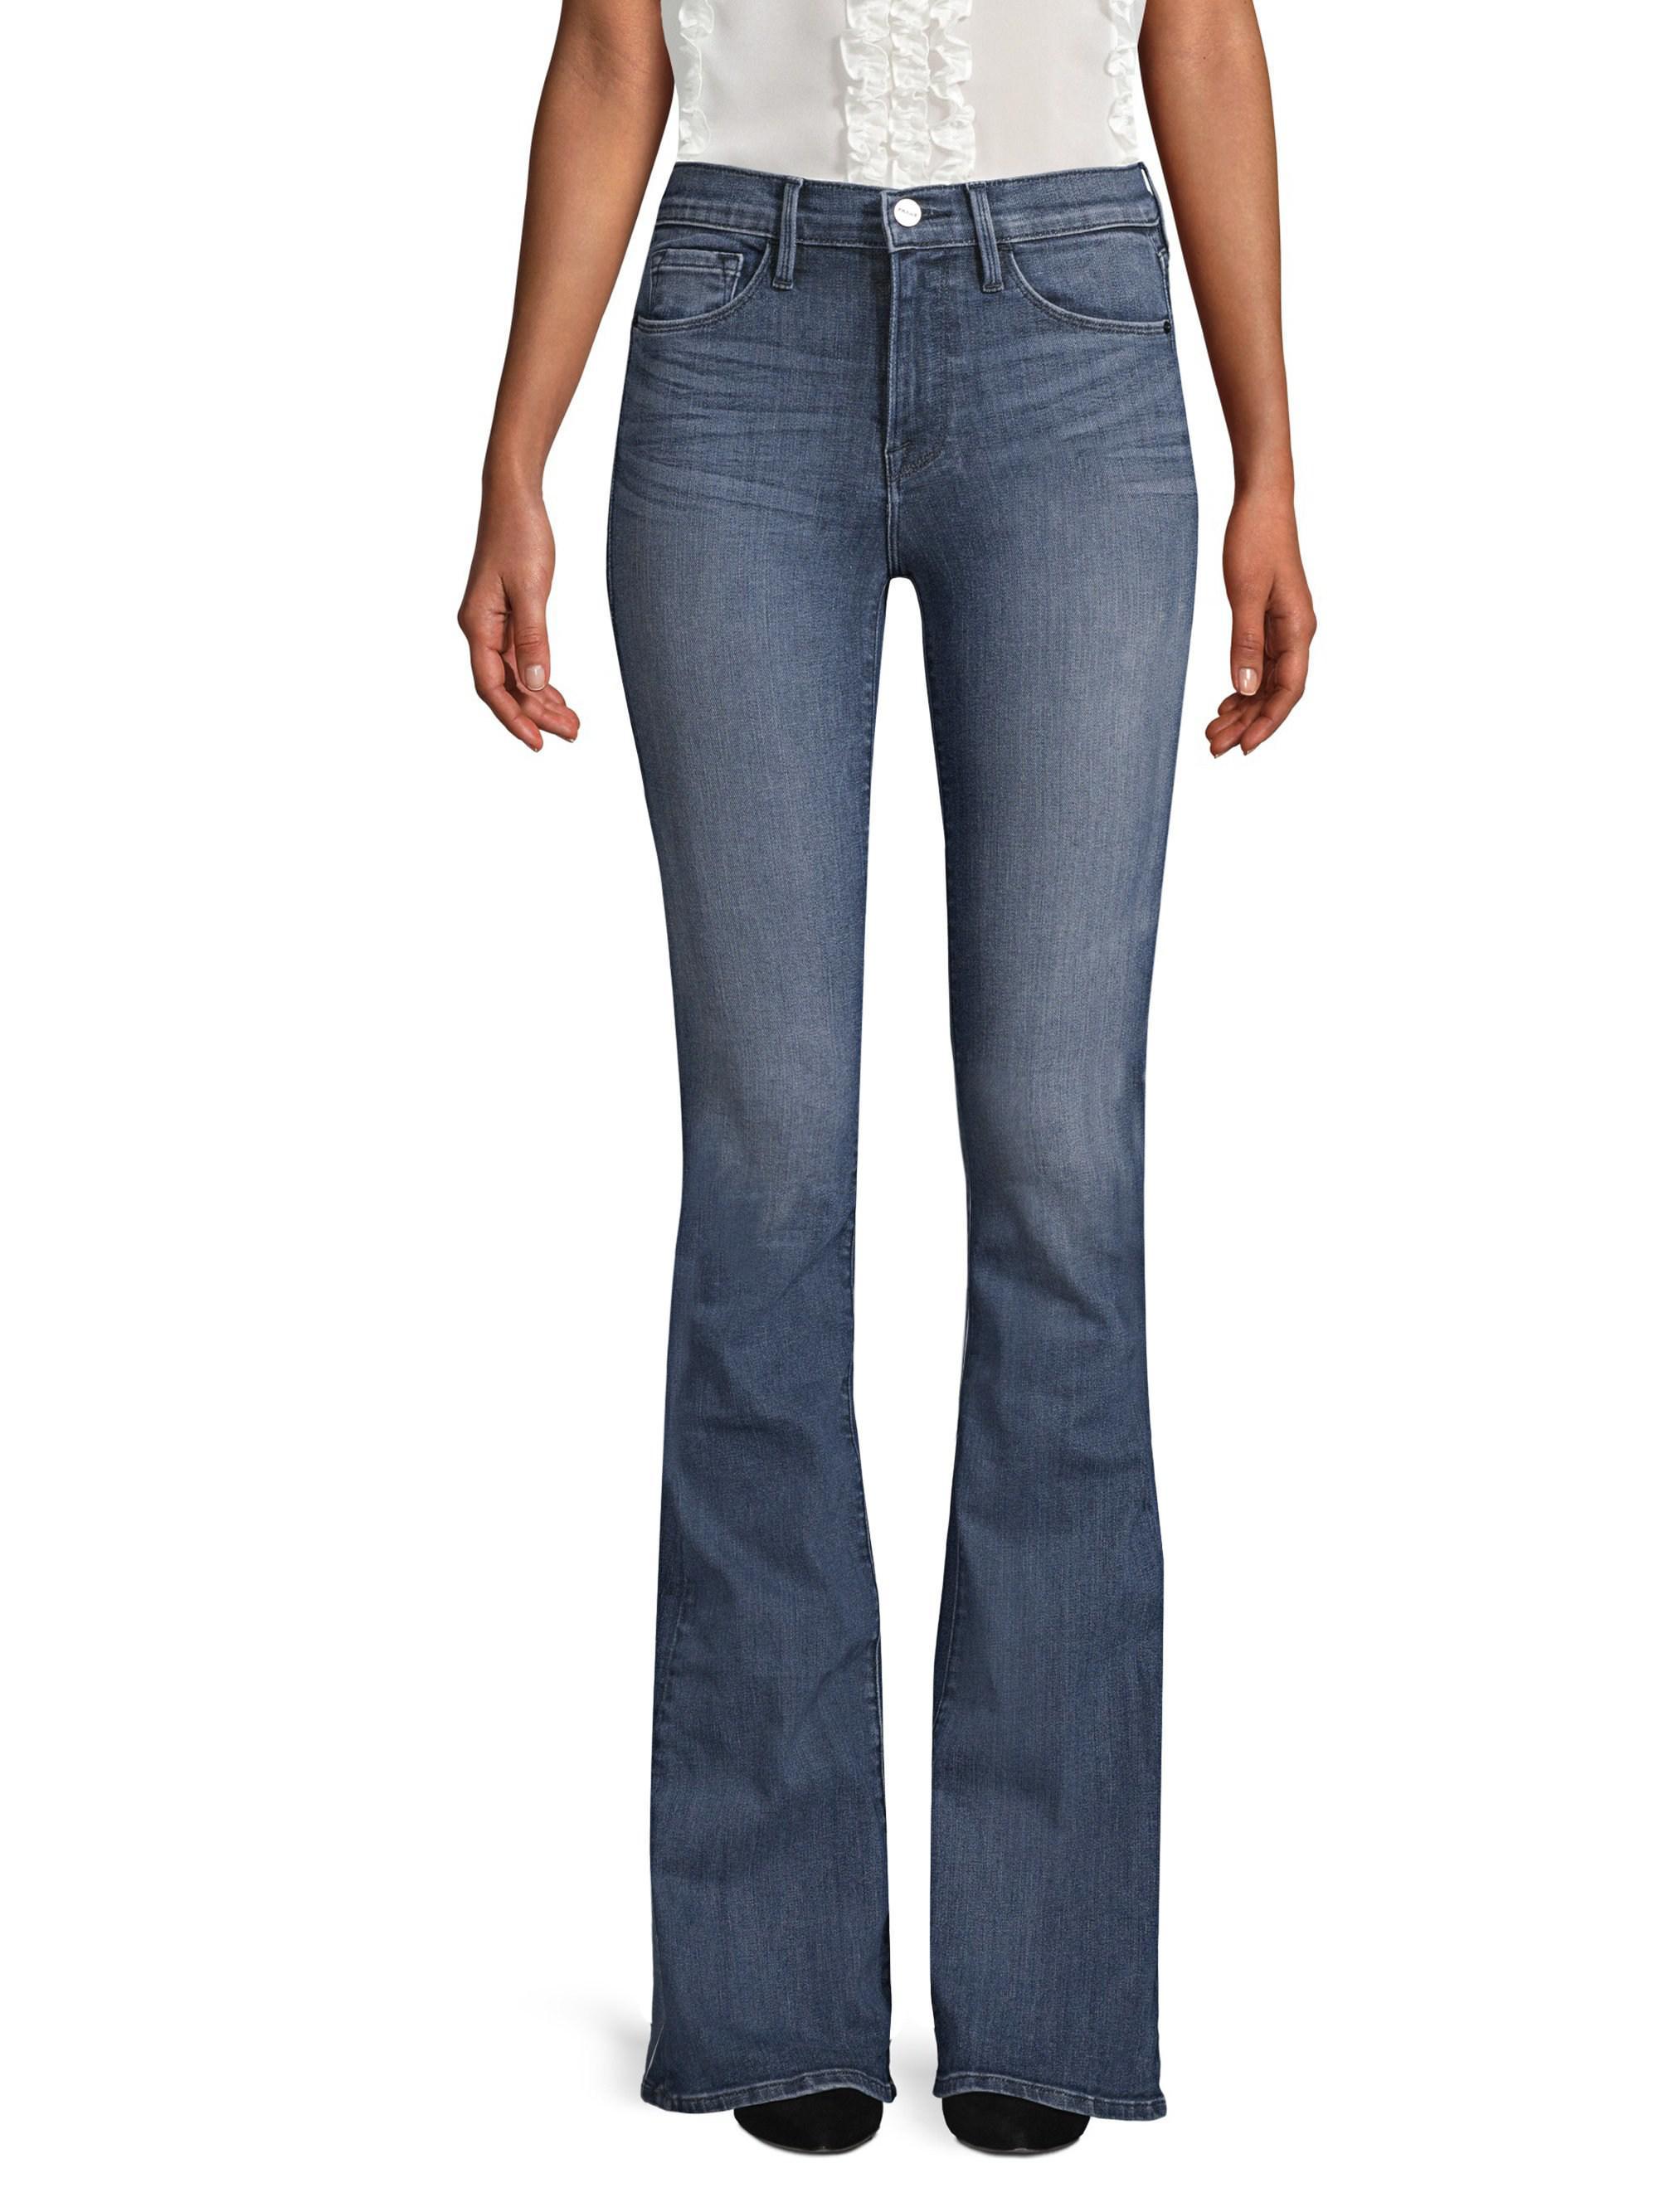 Lyst - Frame Forever Karlie Flare Jeans in Blue